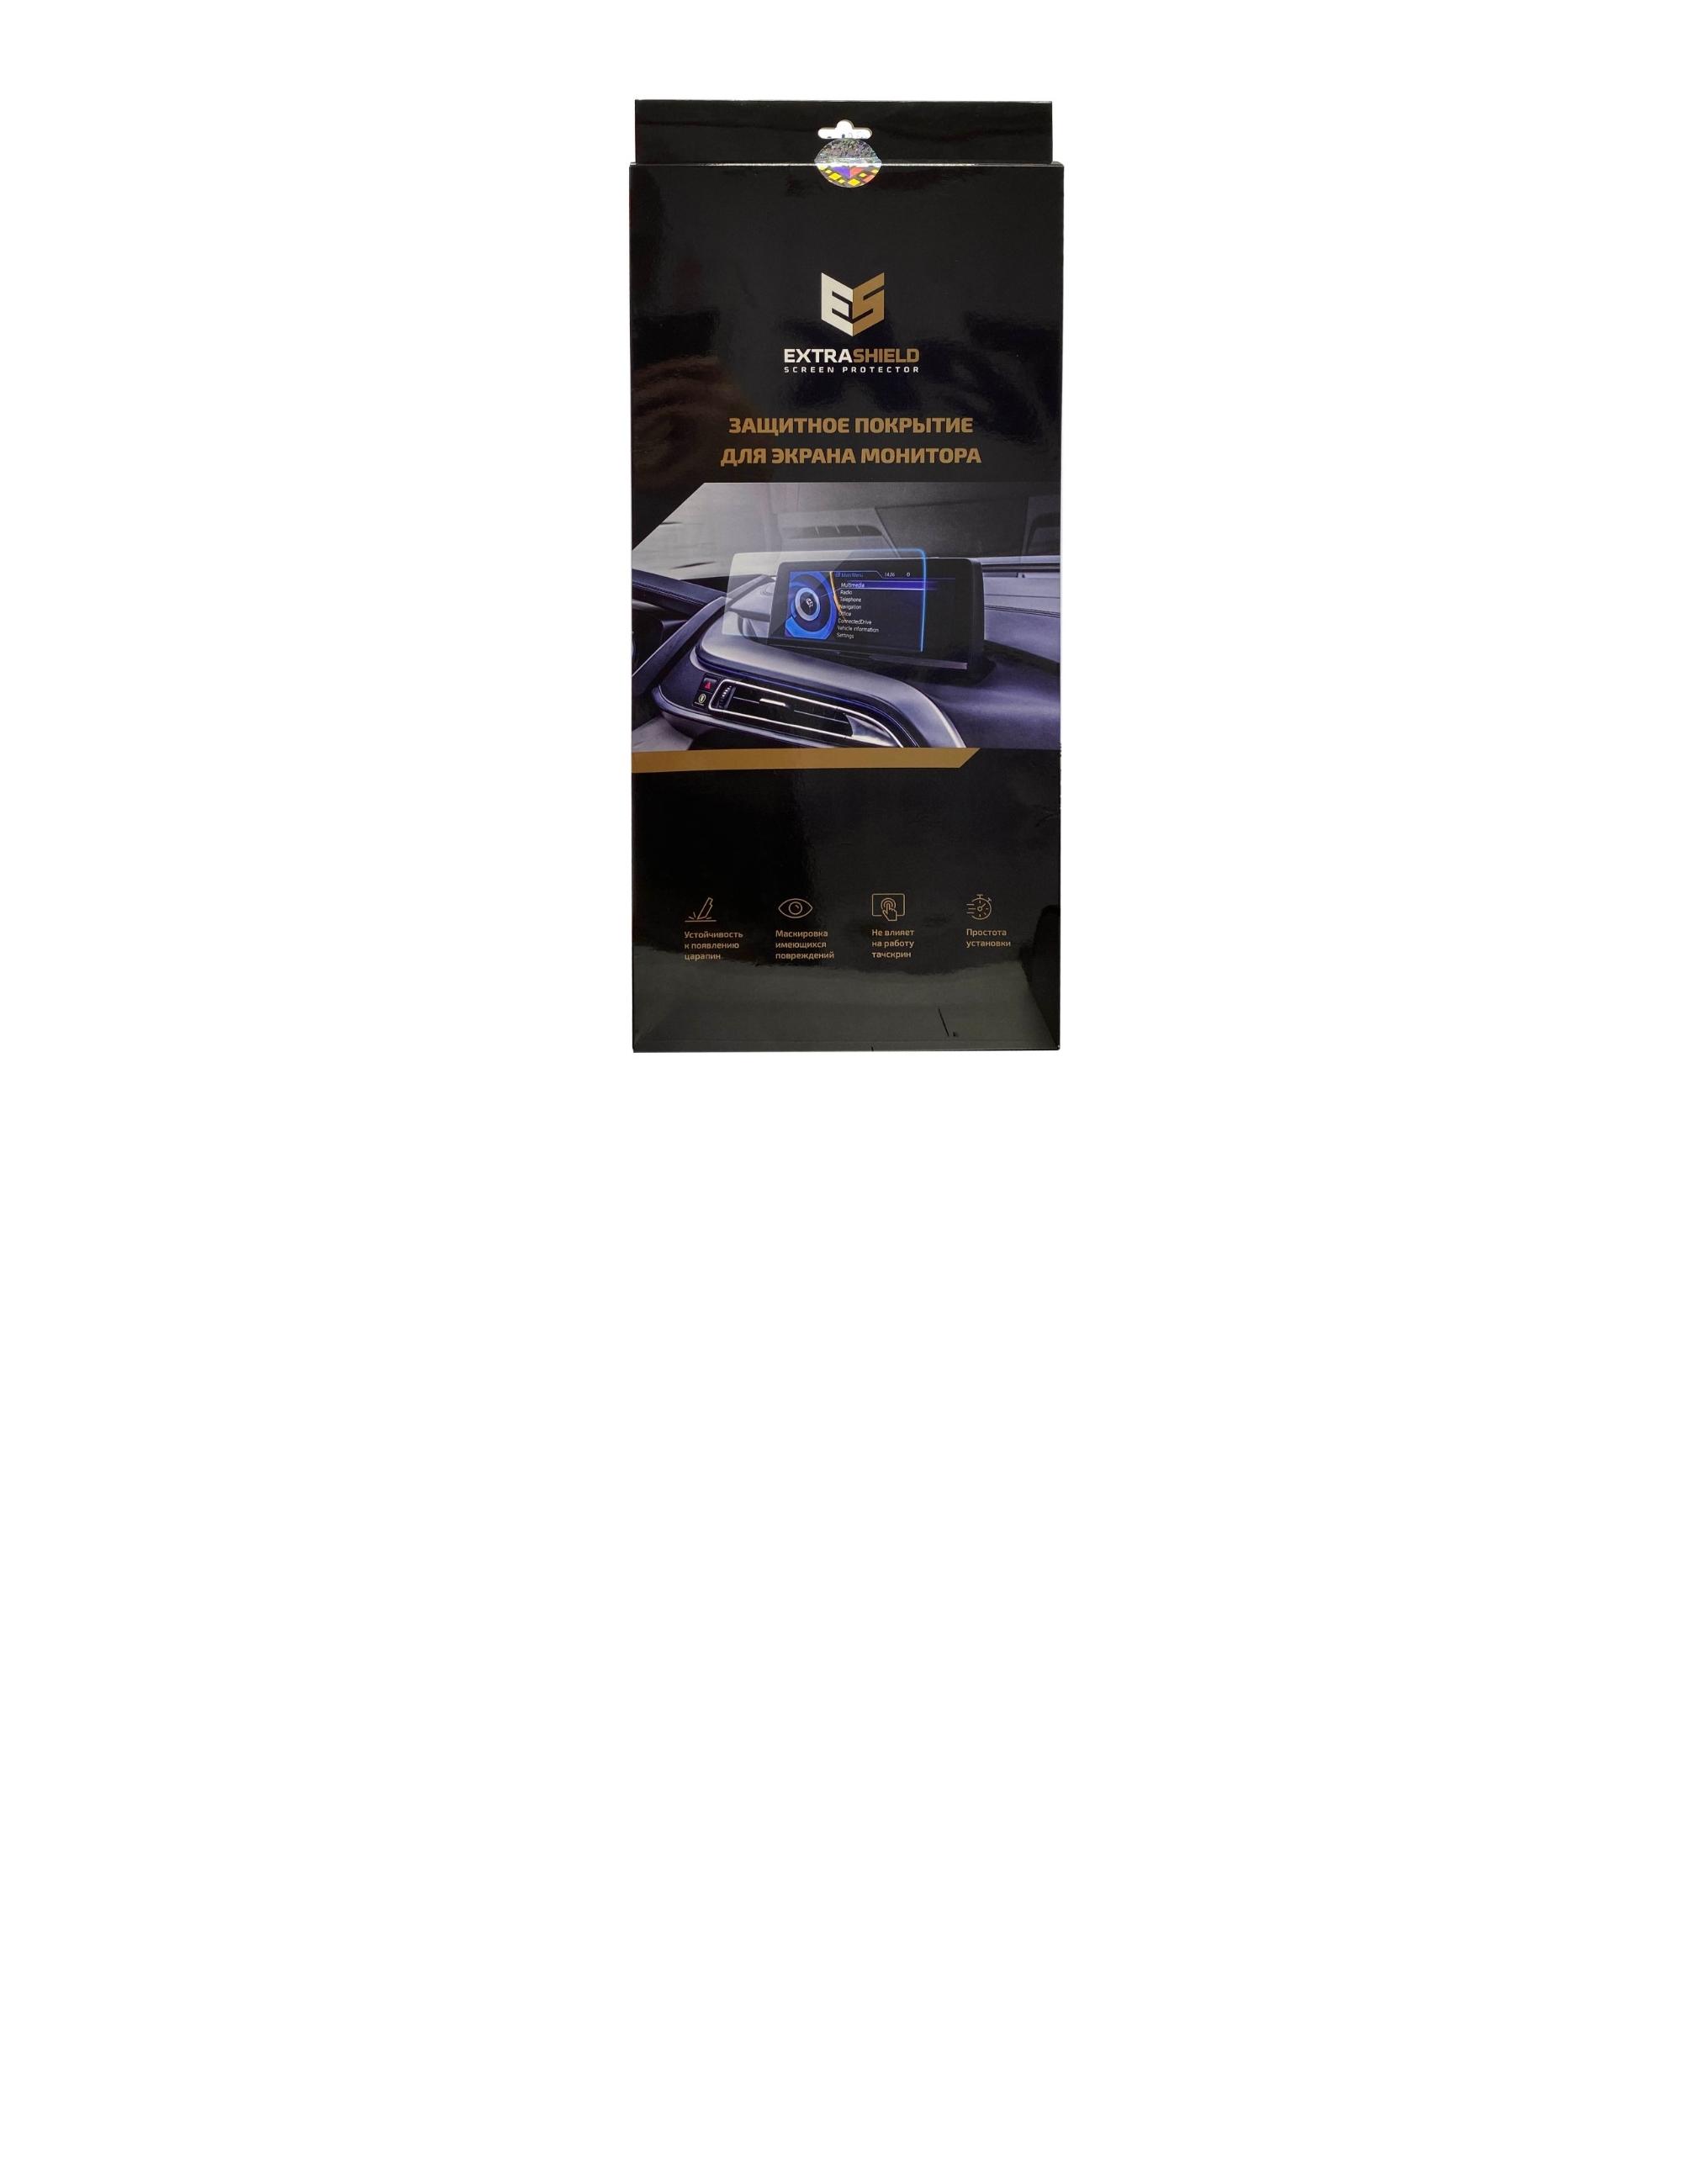 Bentley Flying Spur 2019 - н.в. мультимедиа 12,3 Статическая пленка Матовая